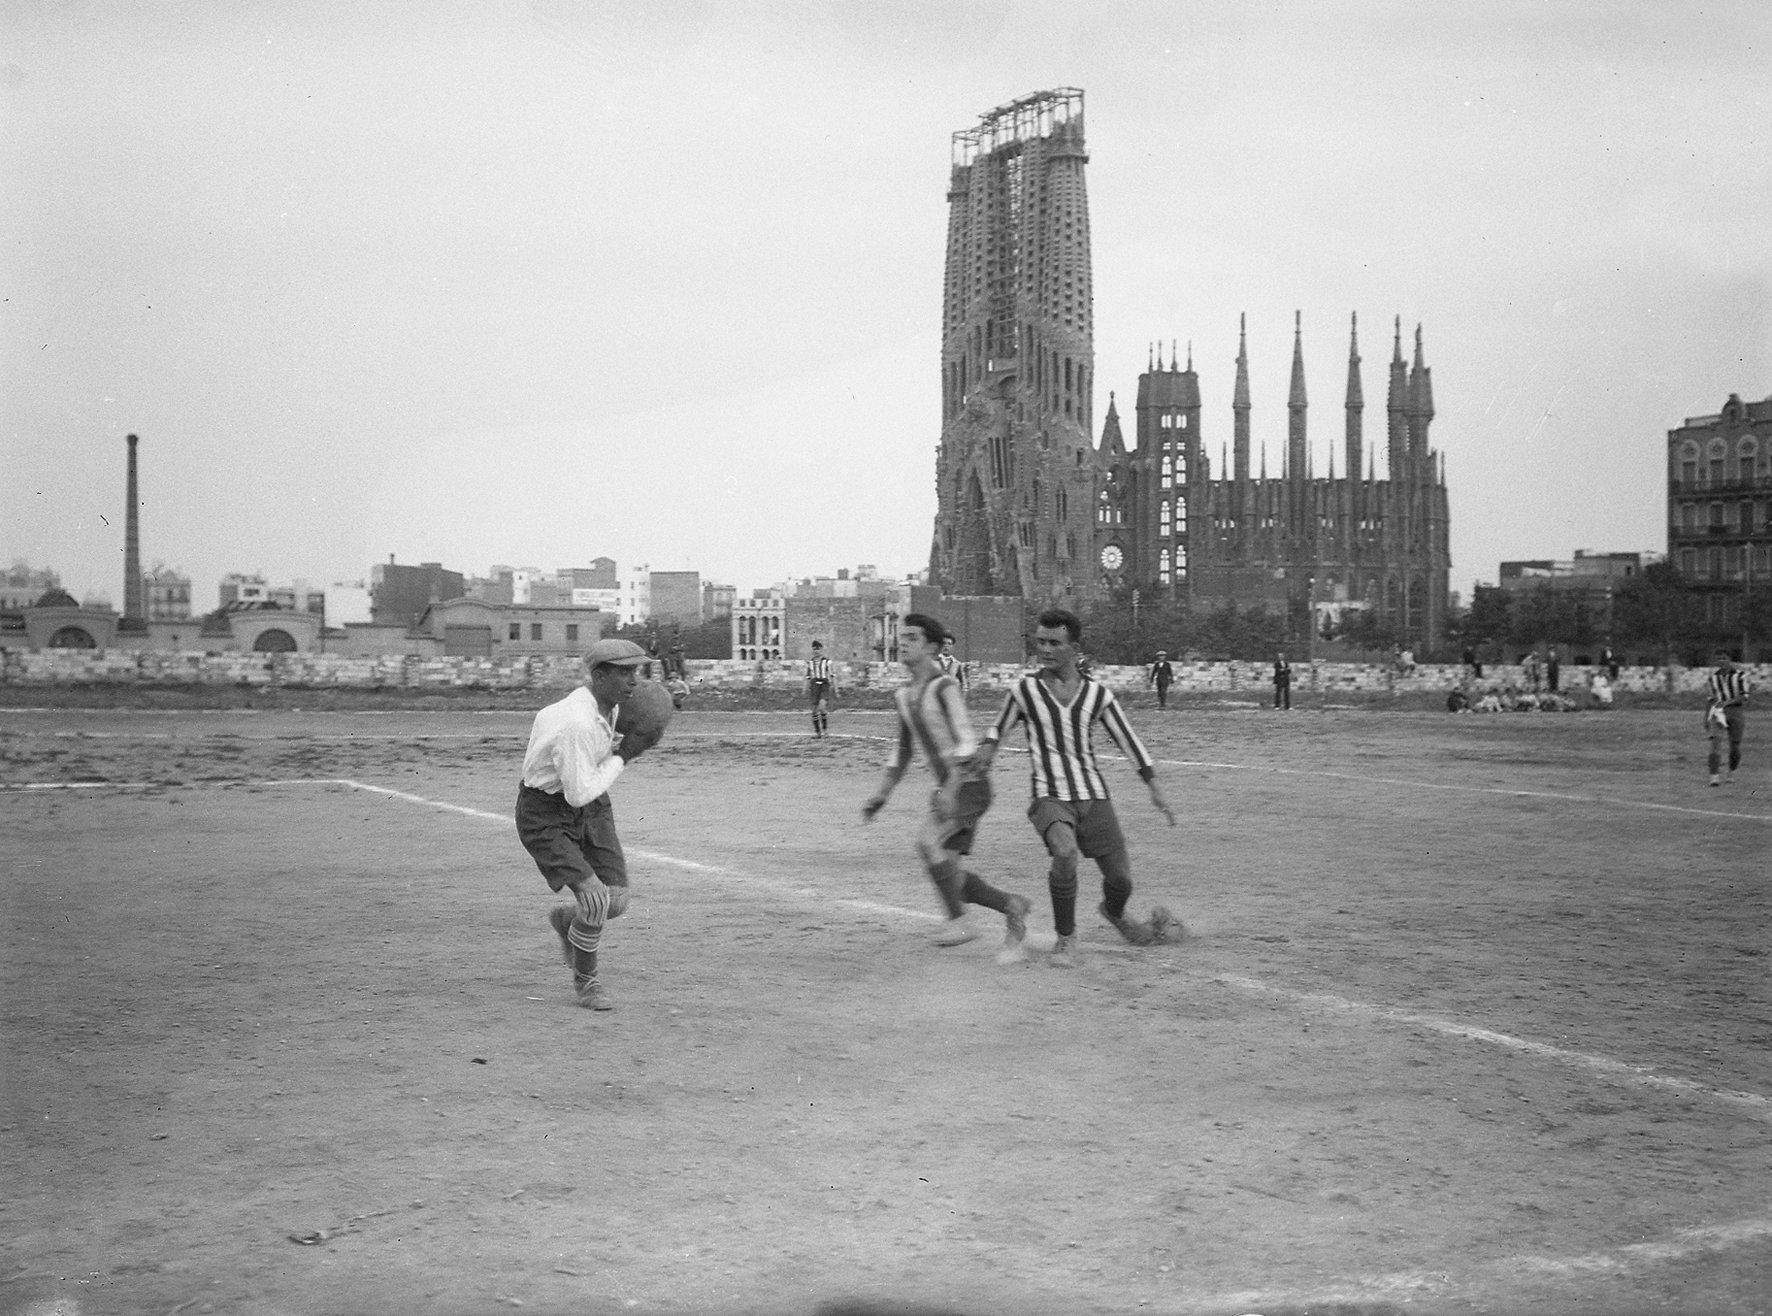 Juando 'mirem el passat' exposició fotos fotografia Diputació de Barcelona